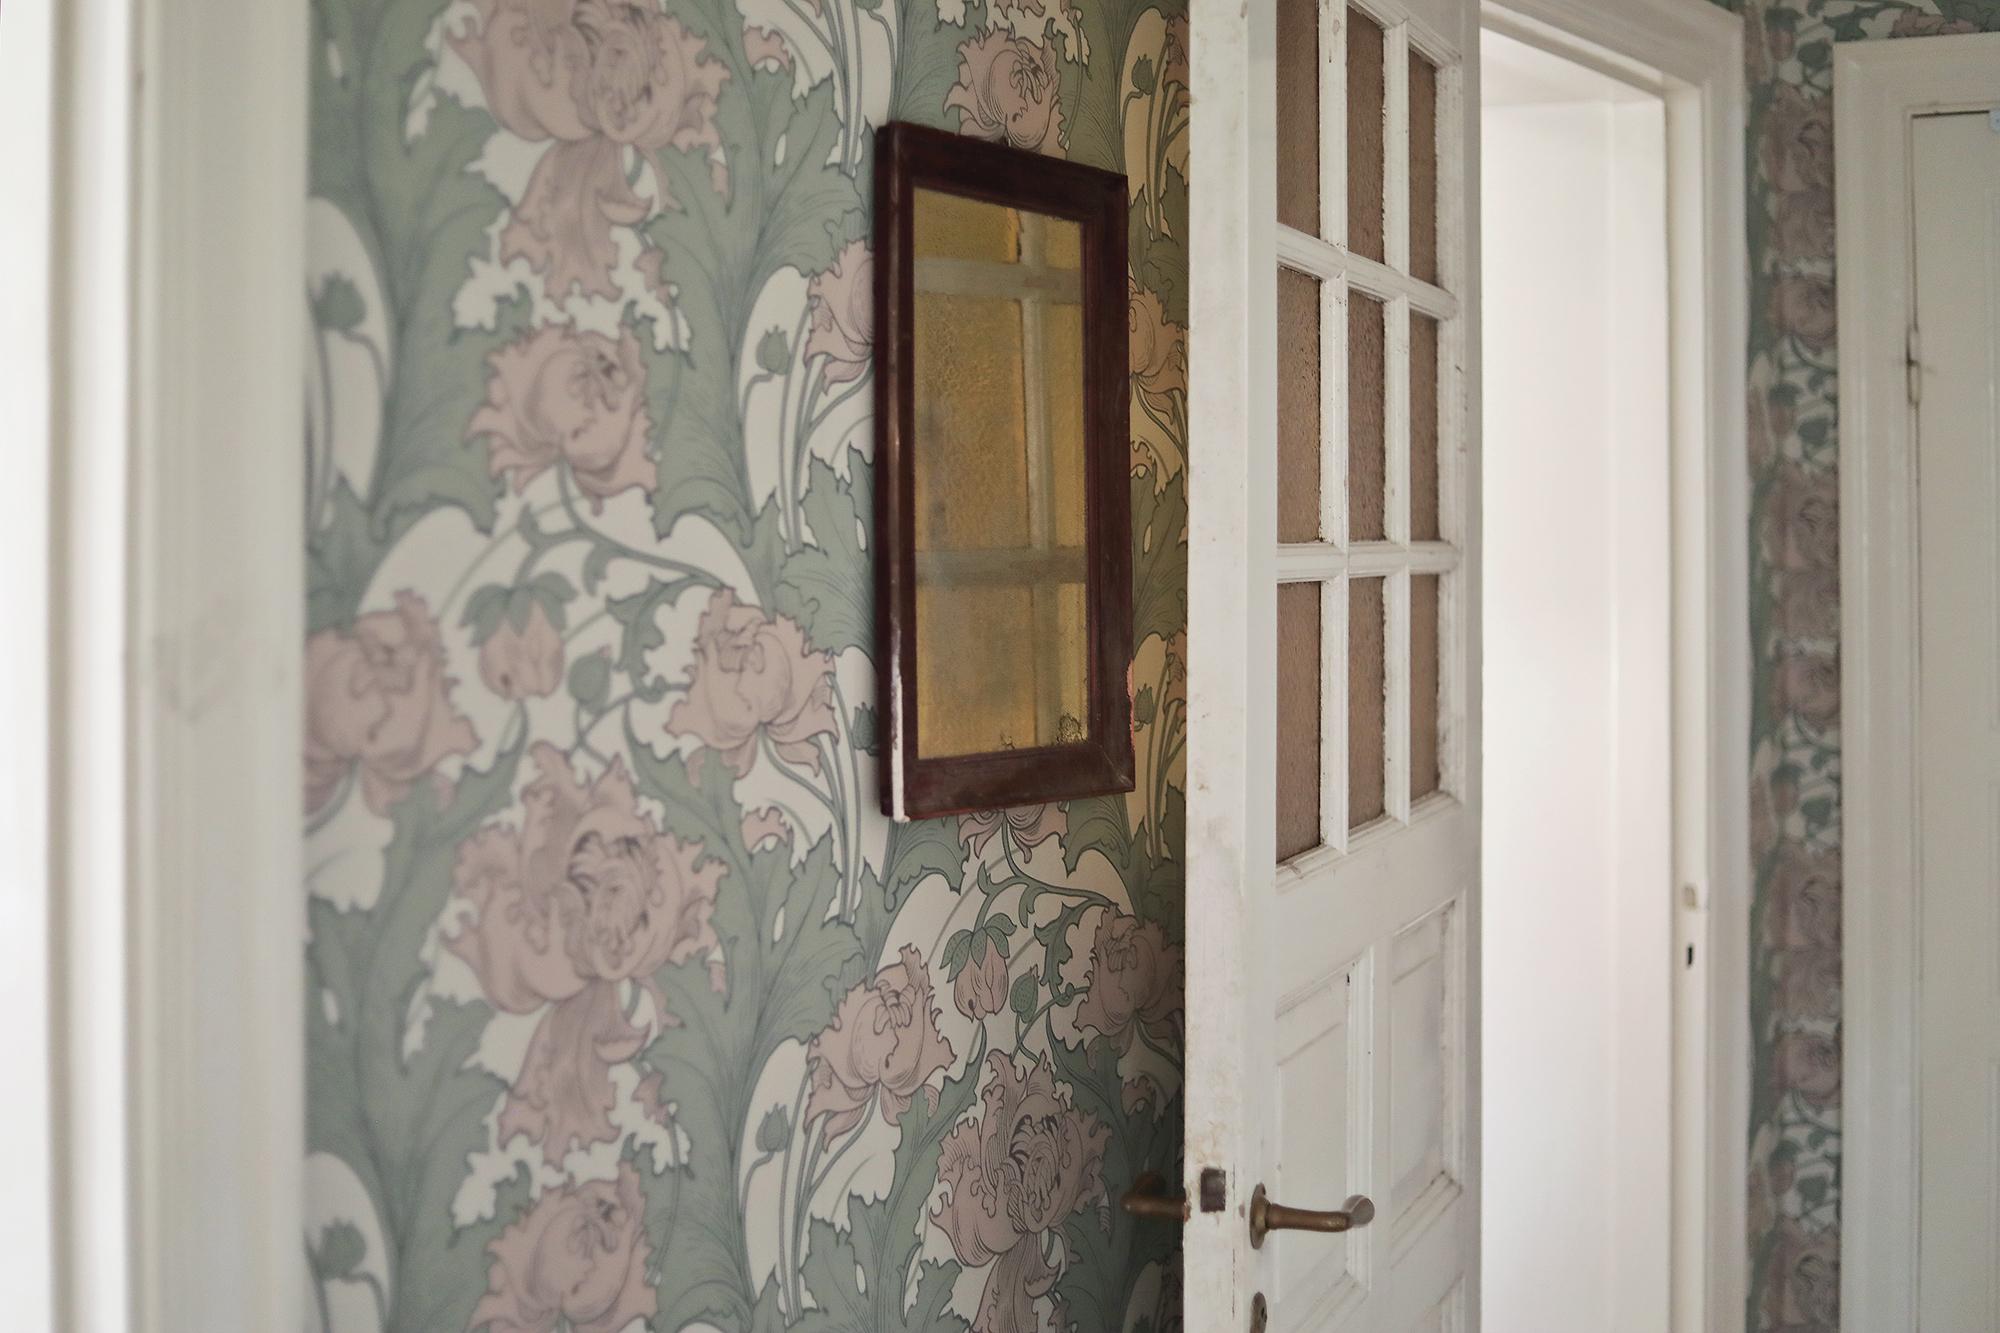 tapet tapeter wallpaper Boråstapeter Siri Anno inredning art nouveau blommor blommig dörr